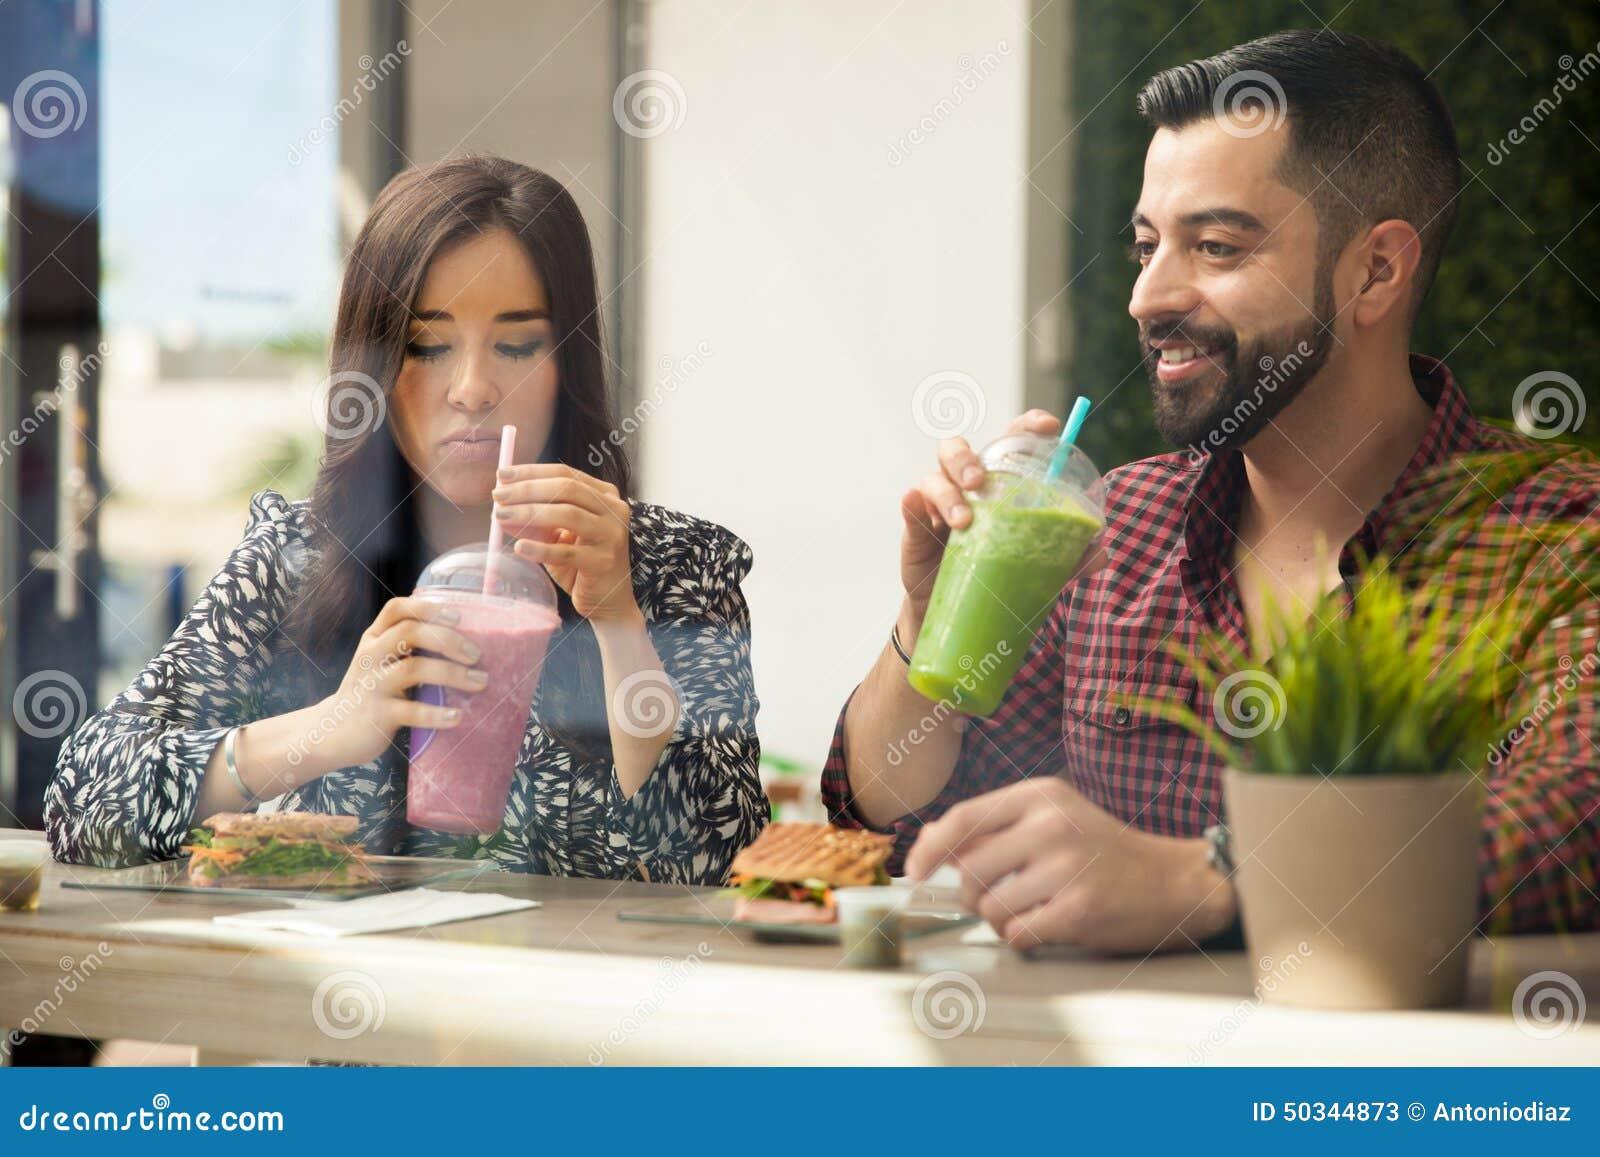 dating in denver over 40